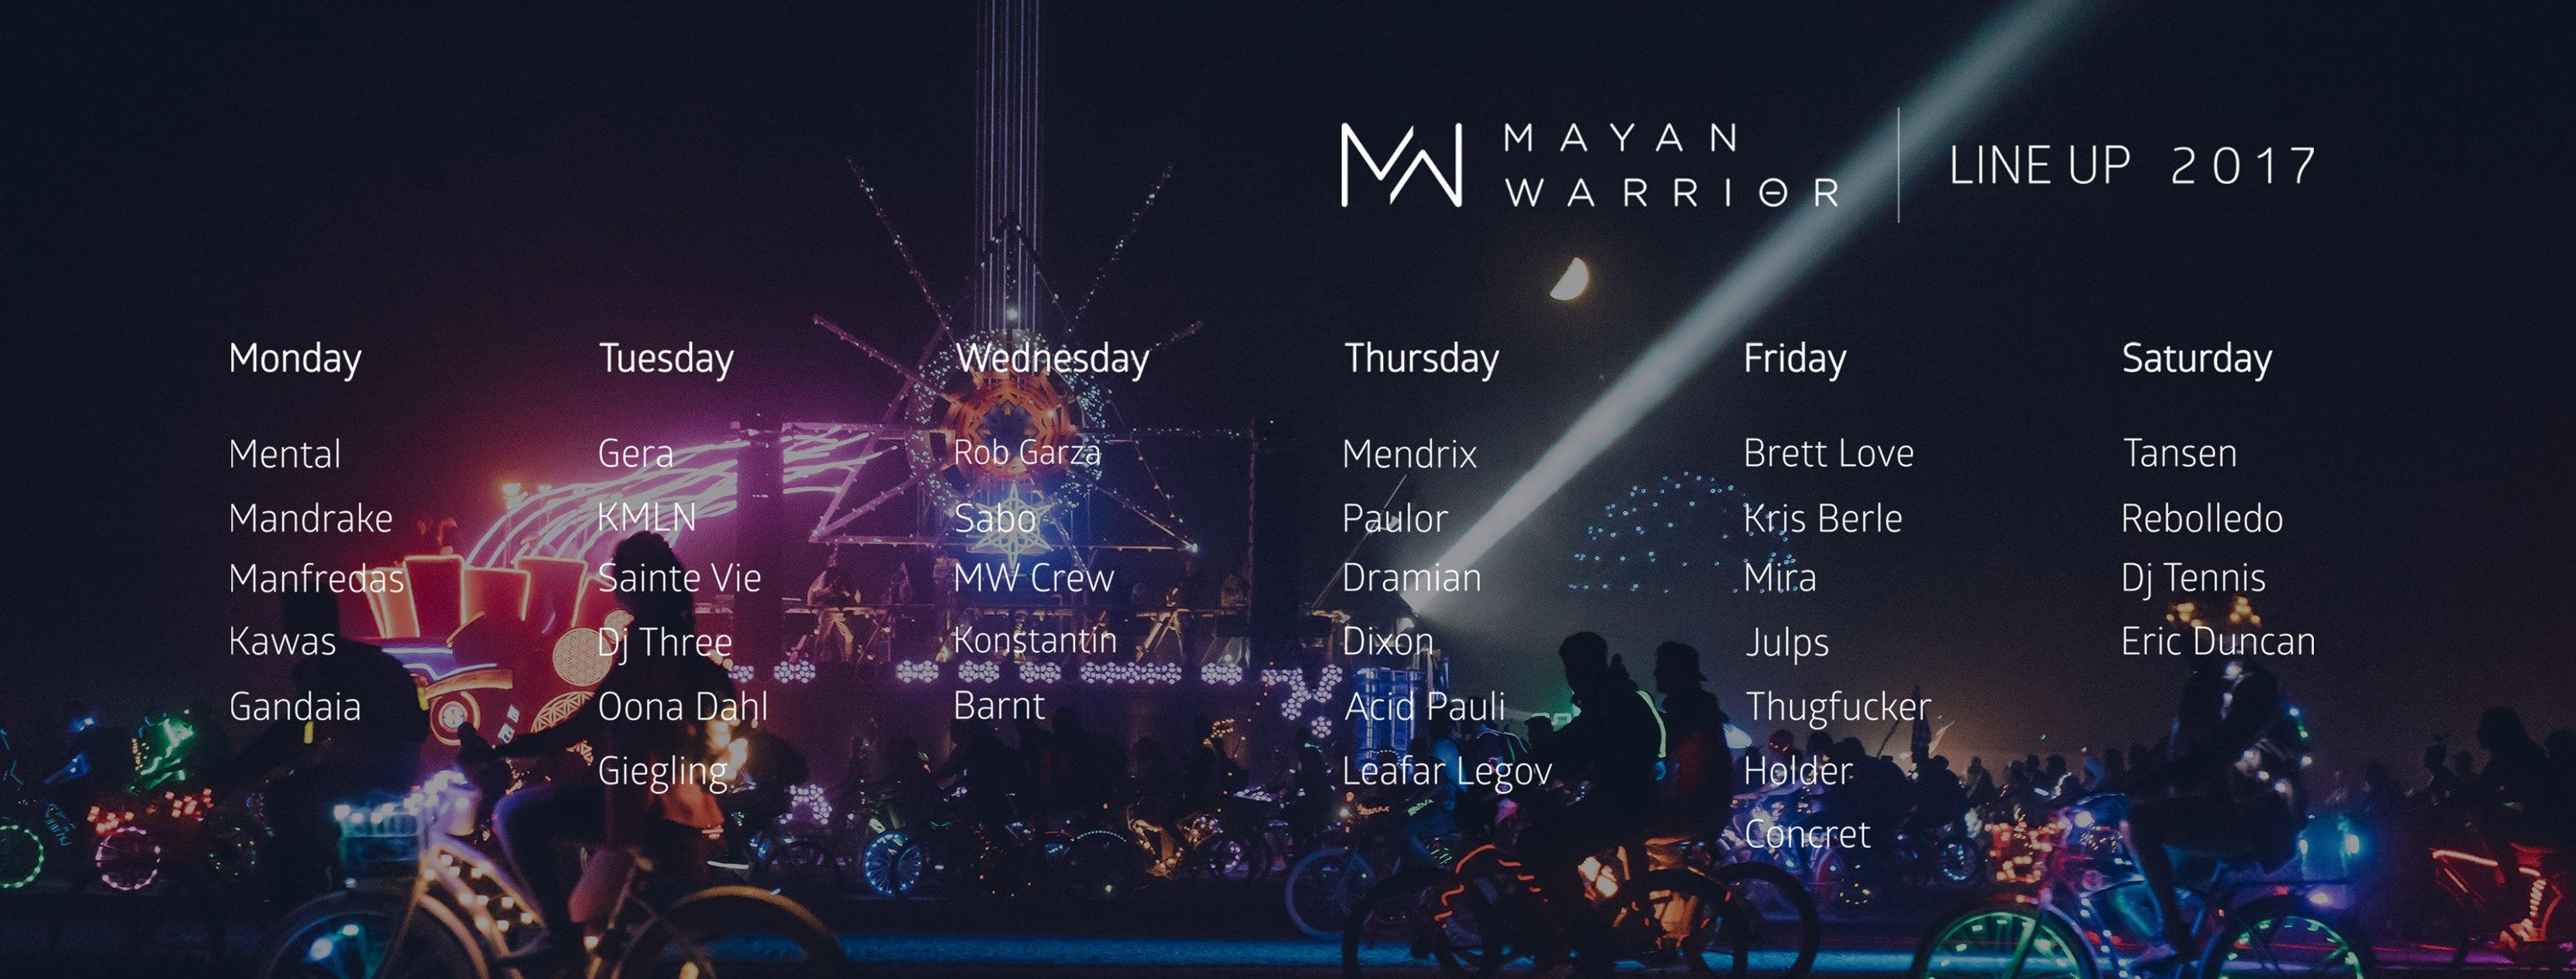 Line Up Mayan Warrior 2017